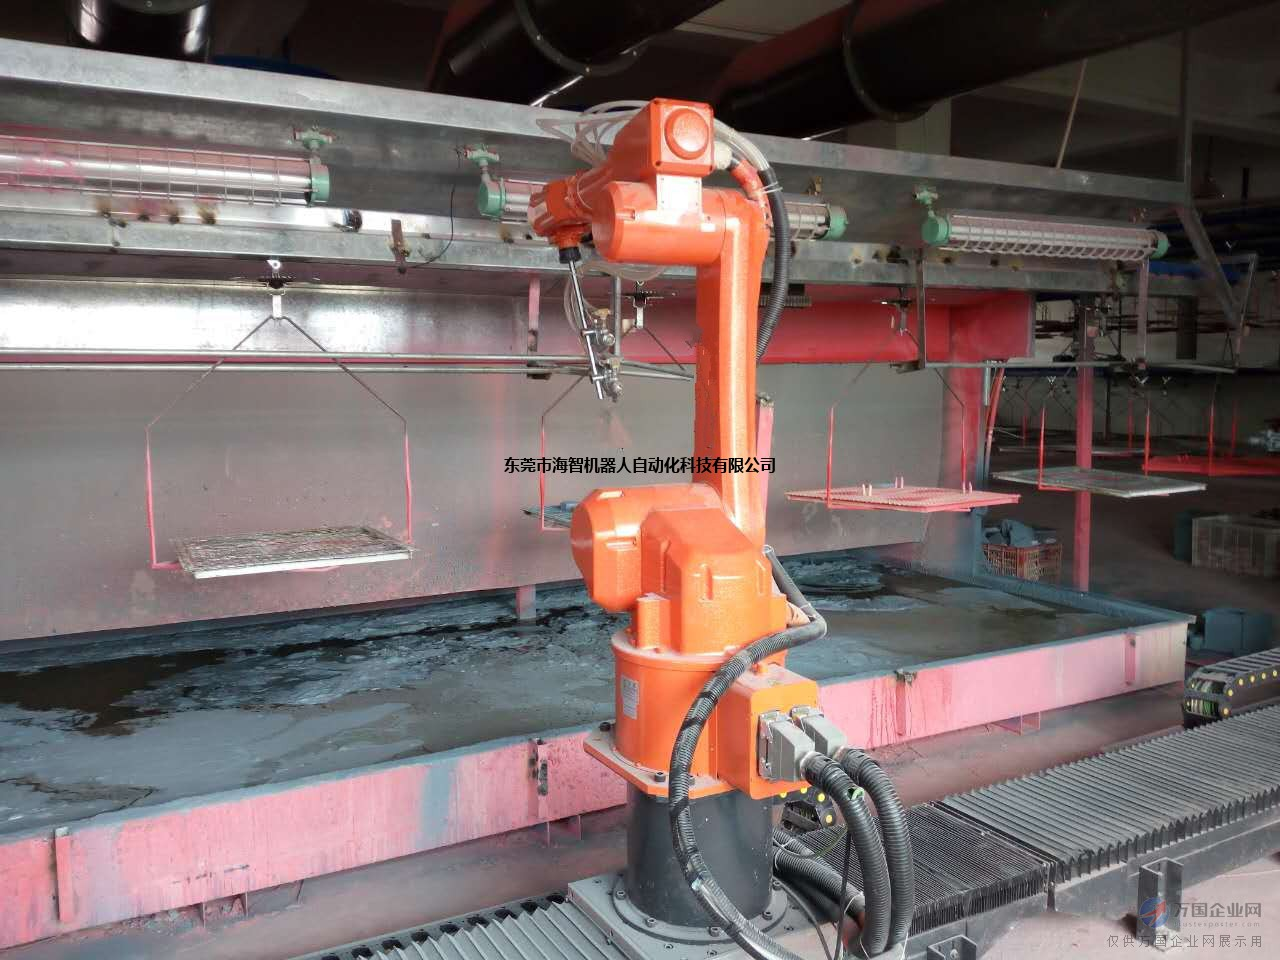 喷涂机器人手,涂装机械手自动化设备,工业机械臂喷漆